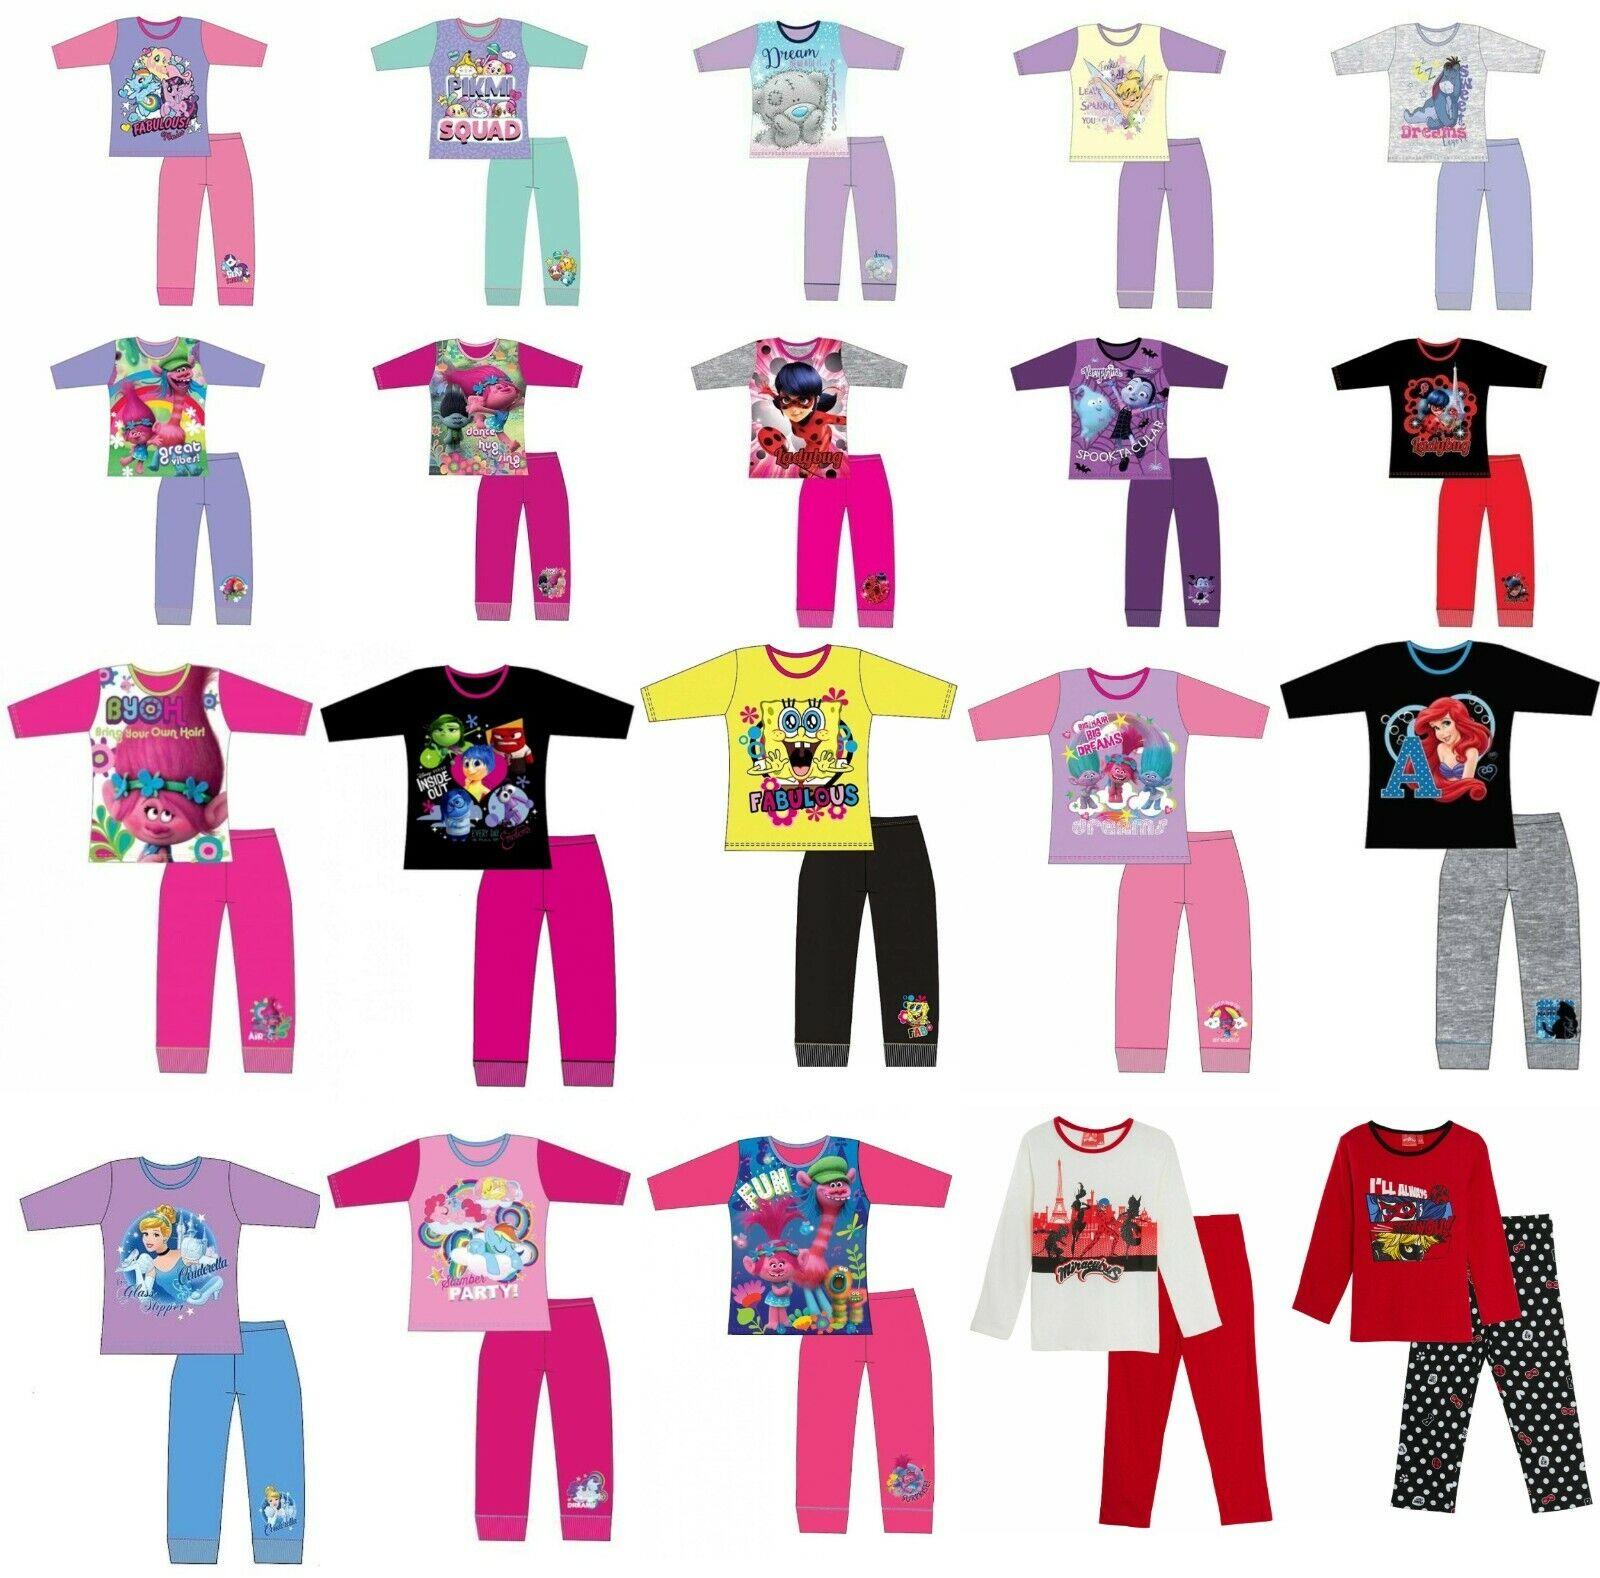 Girls Boys Pyjamas nightwear nightie sleepwear kids character short long